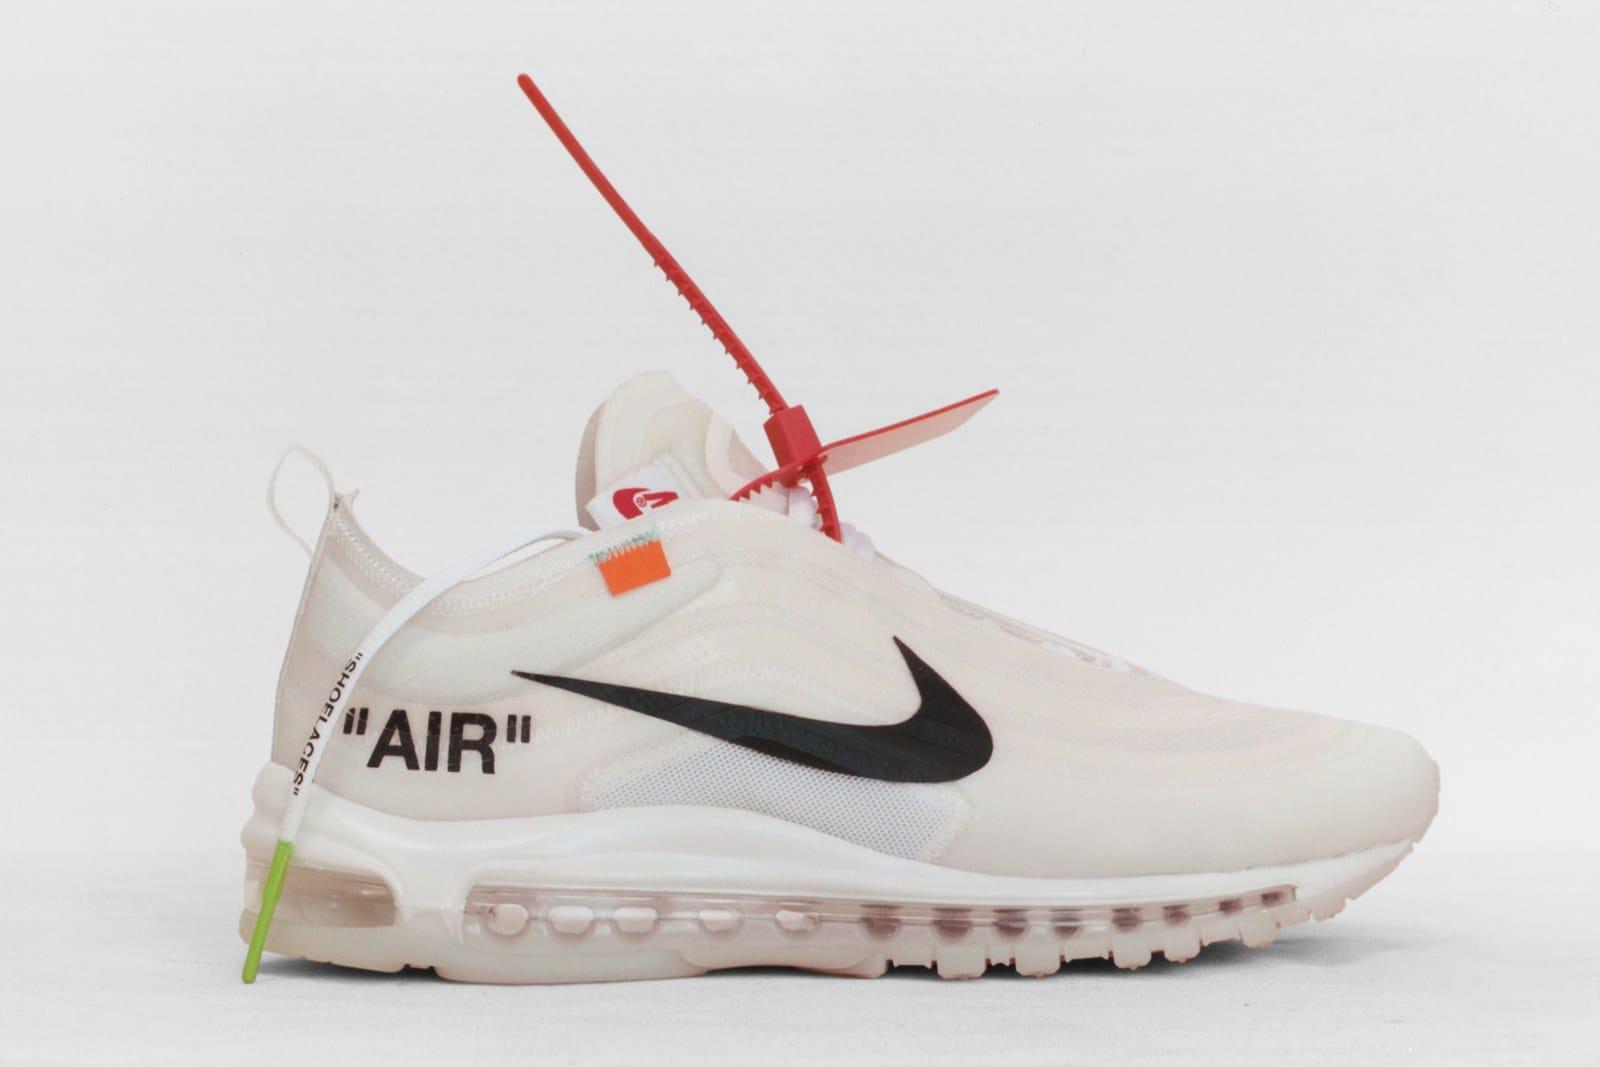 c6aaae0d4f43 Off White Nike Air Max 97 Running Shoes Peach Red Black Air Max 97 ...